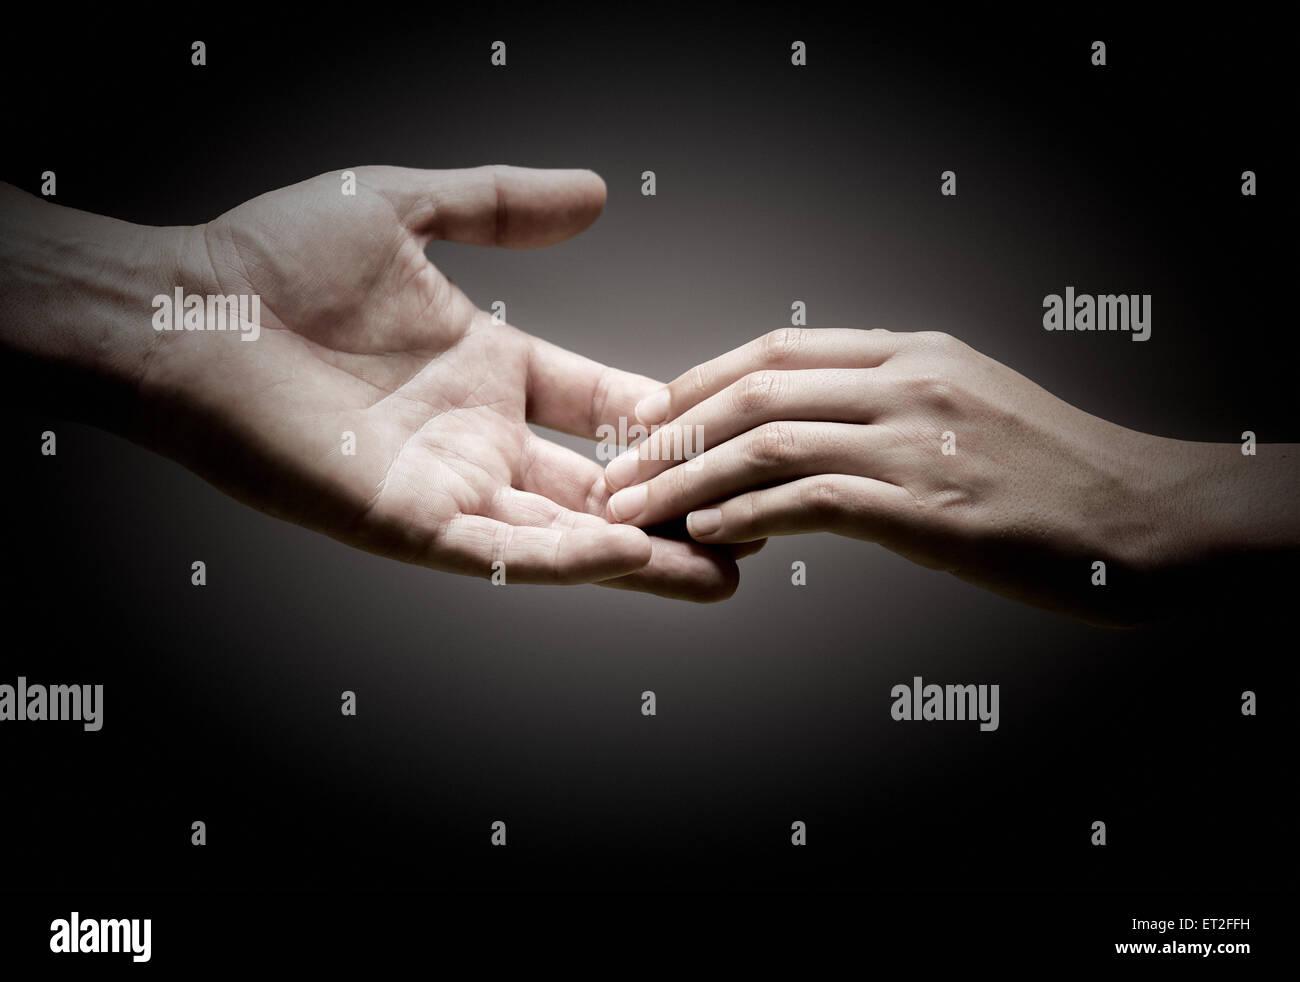 Deux mains se touchent sur fond noir, notion de solidarité ou de l'empathie. Photo Stock